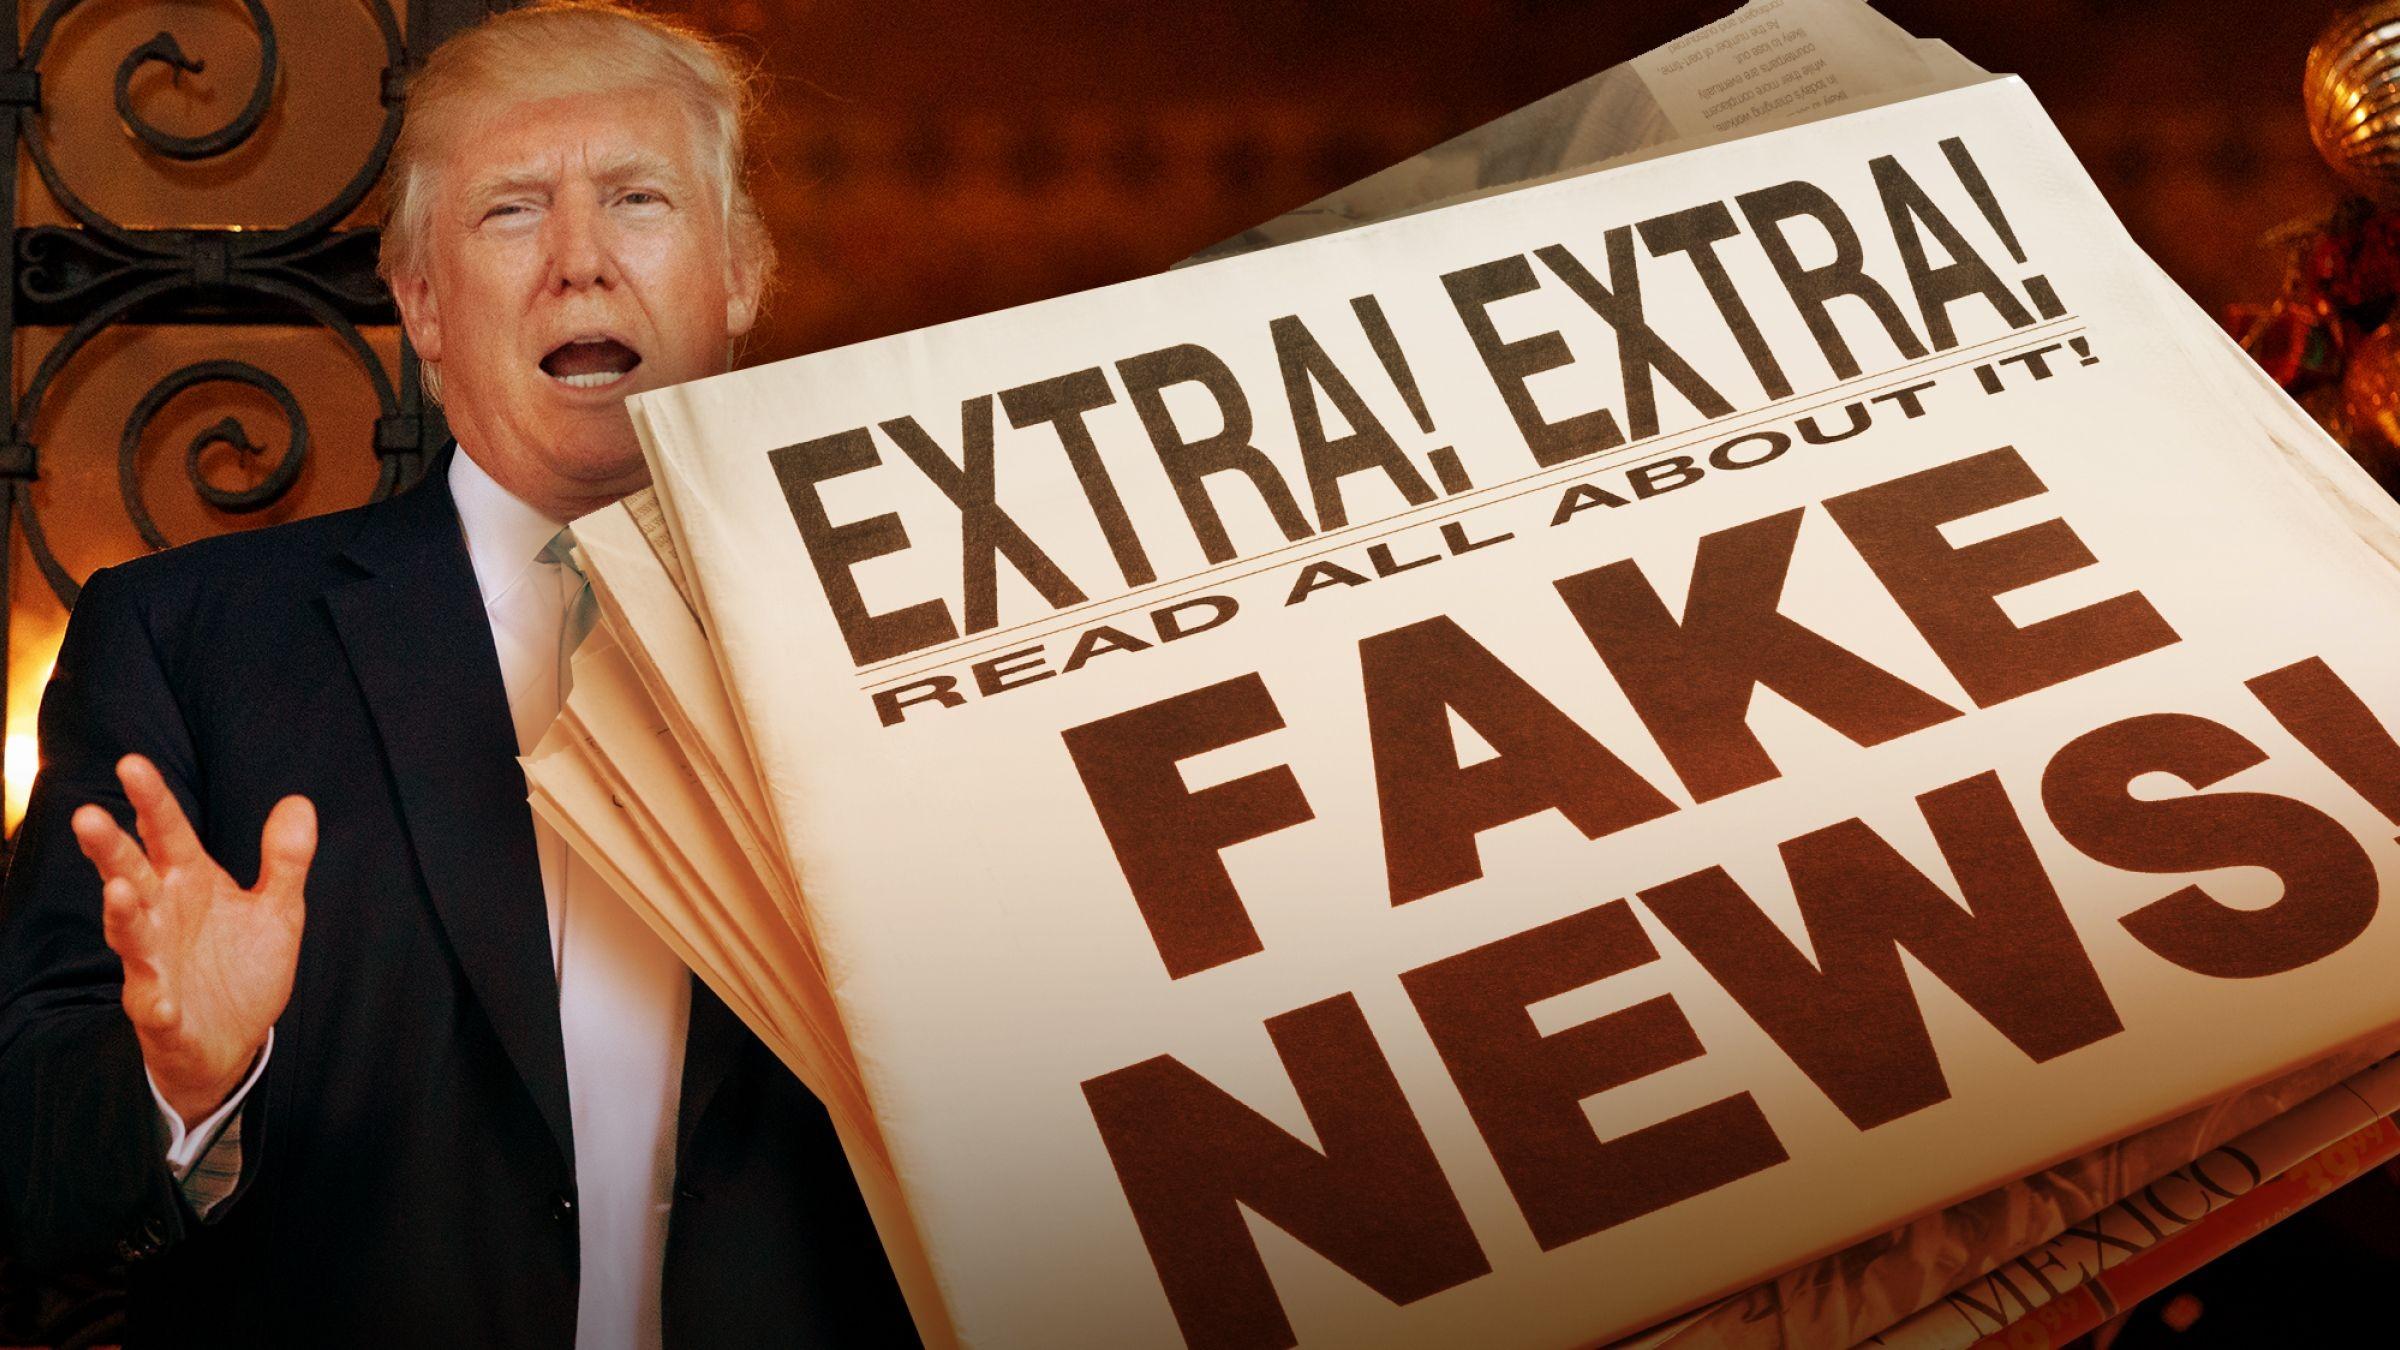 Словарь Collins назвал британское высказывание Fake news словом года